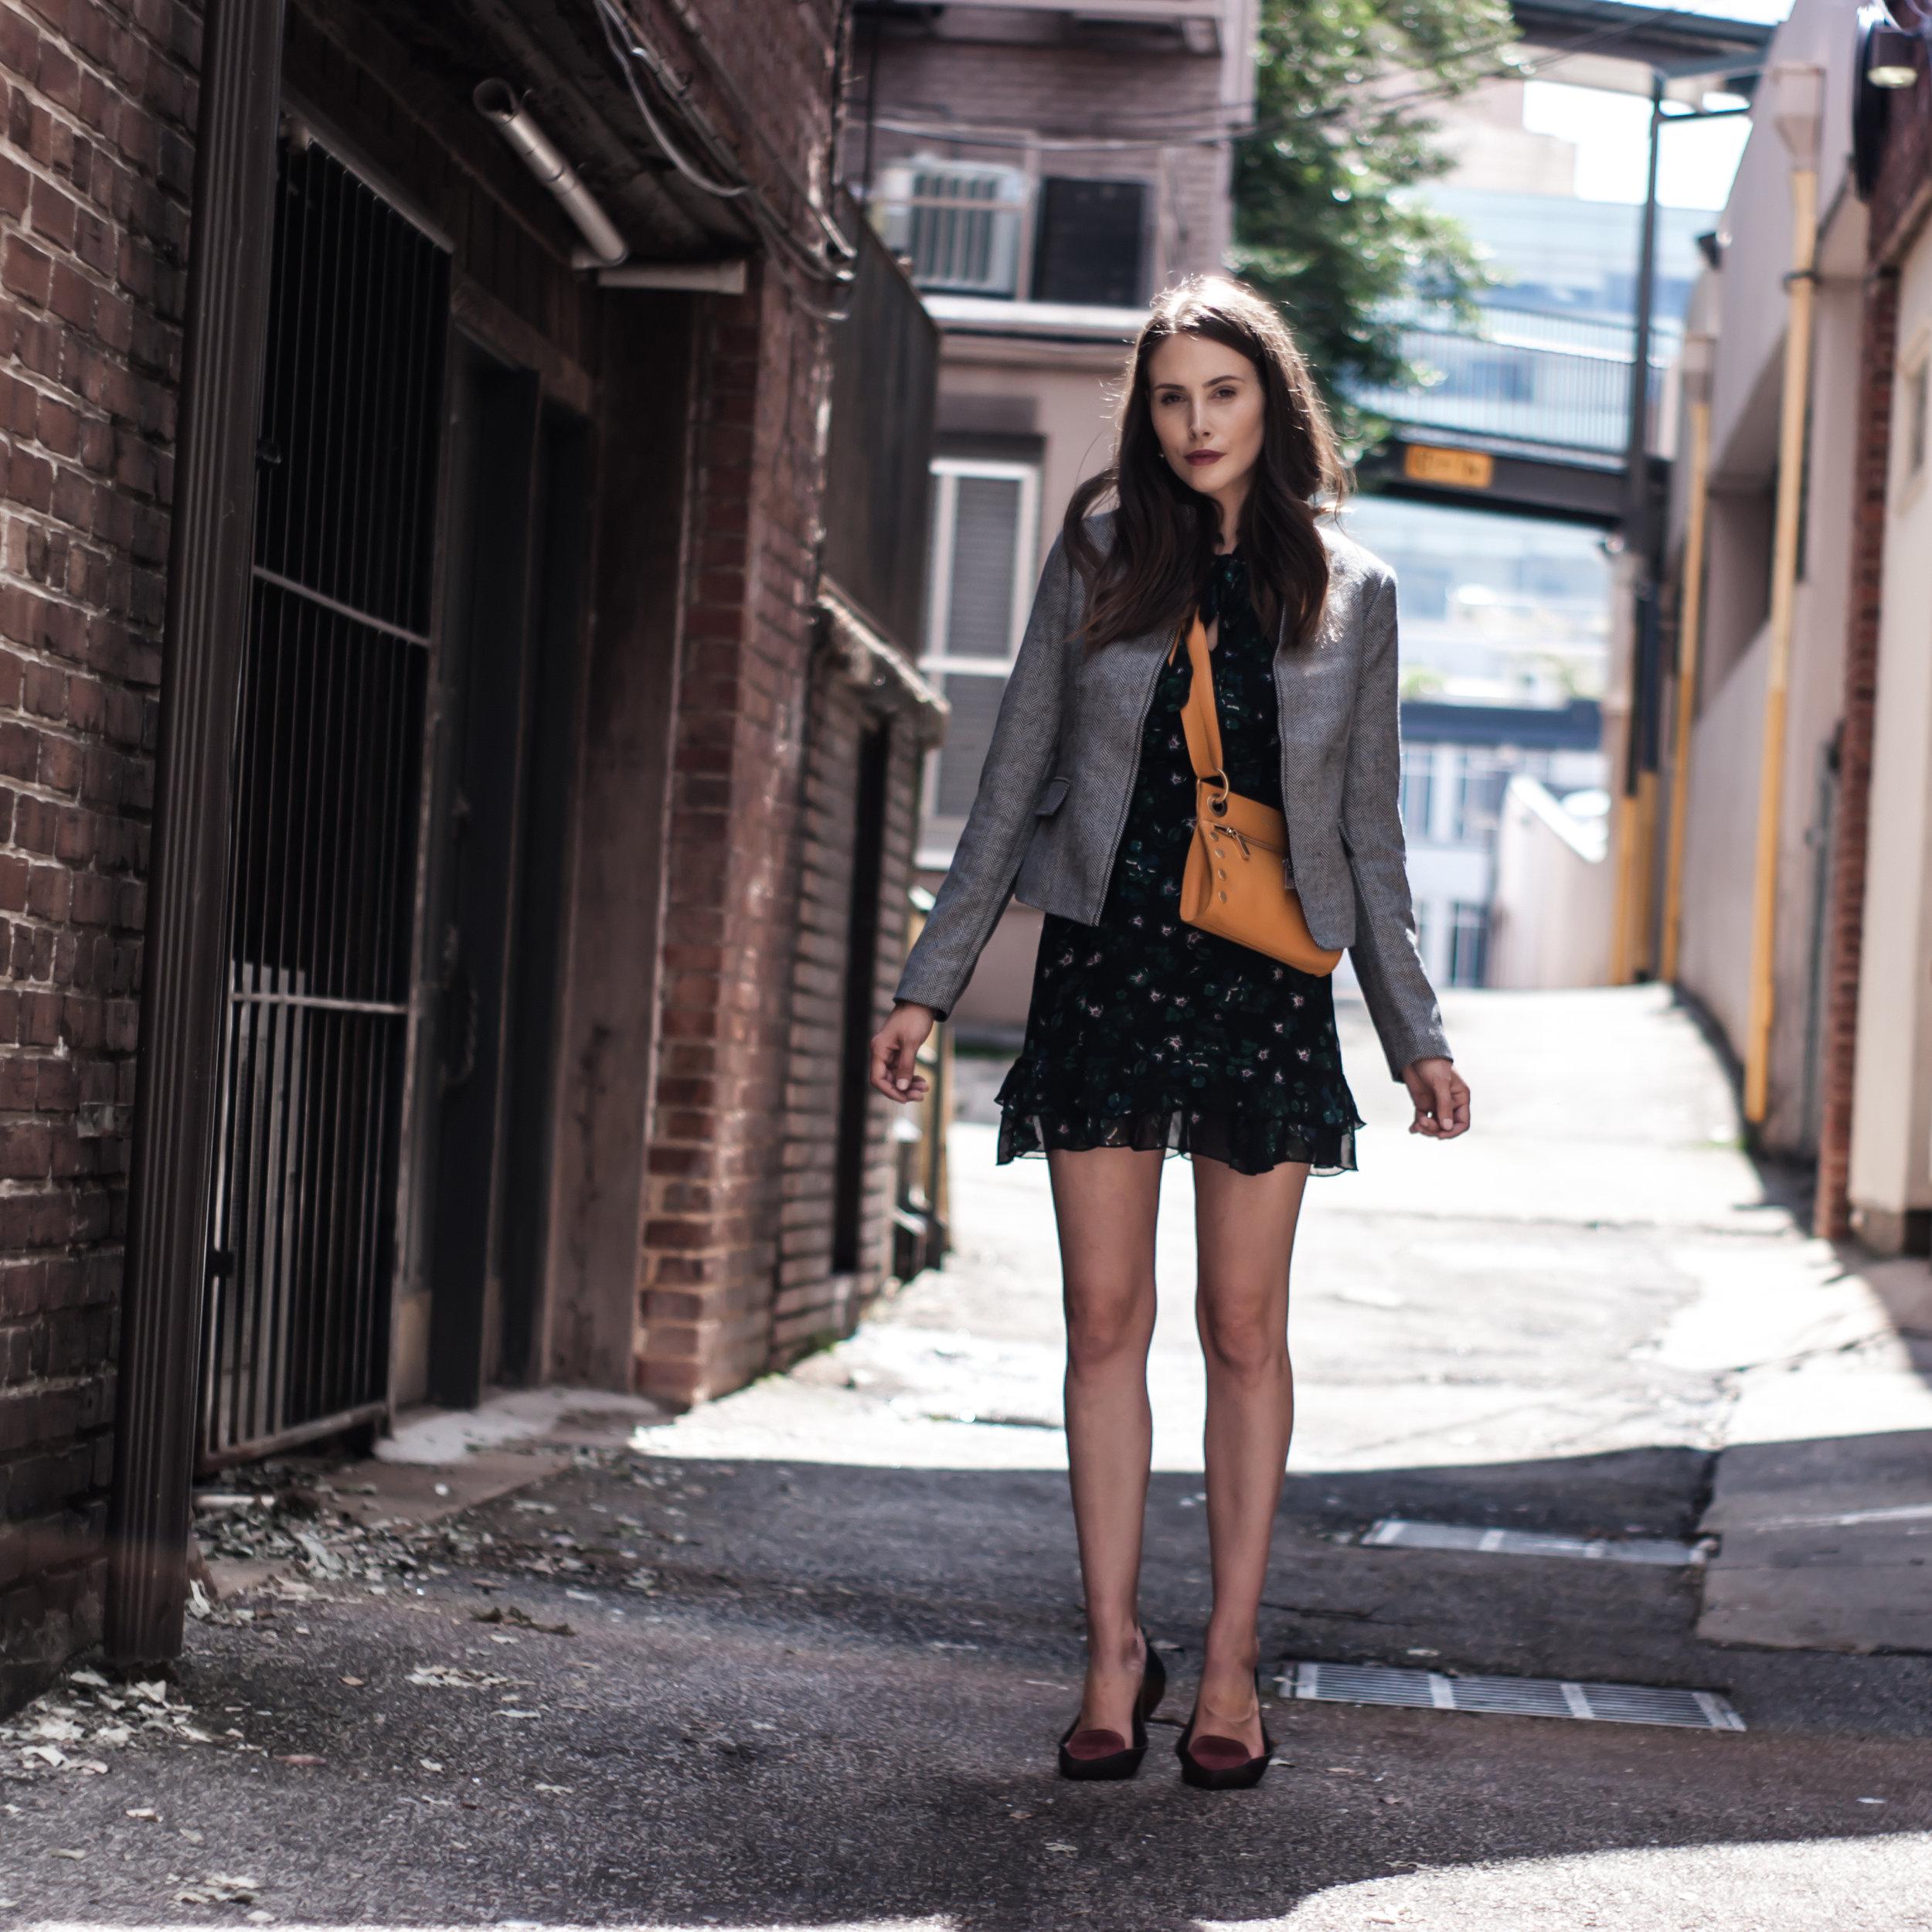 Manda Lee Smith | EvcocativelyChosen.com